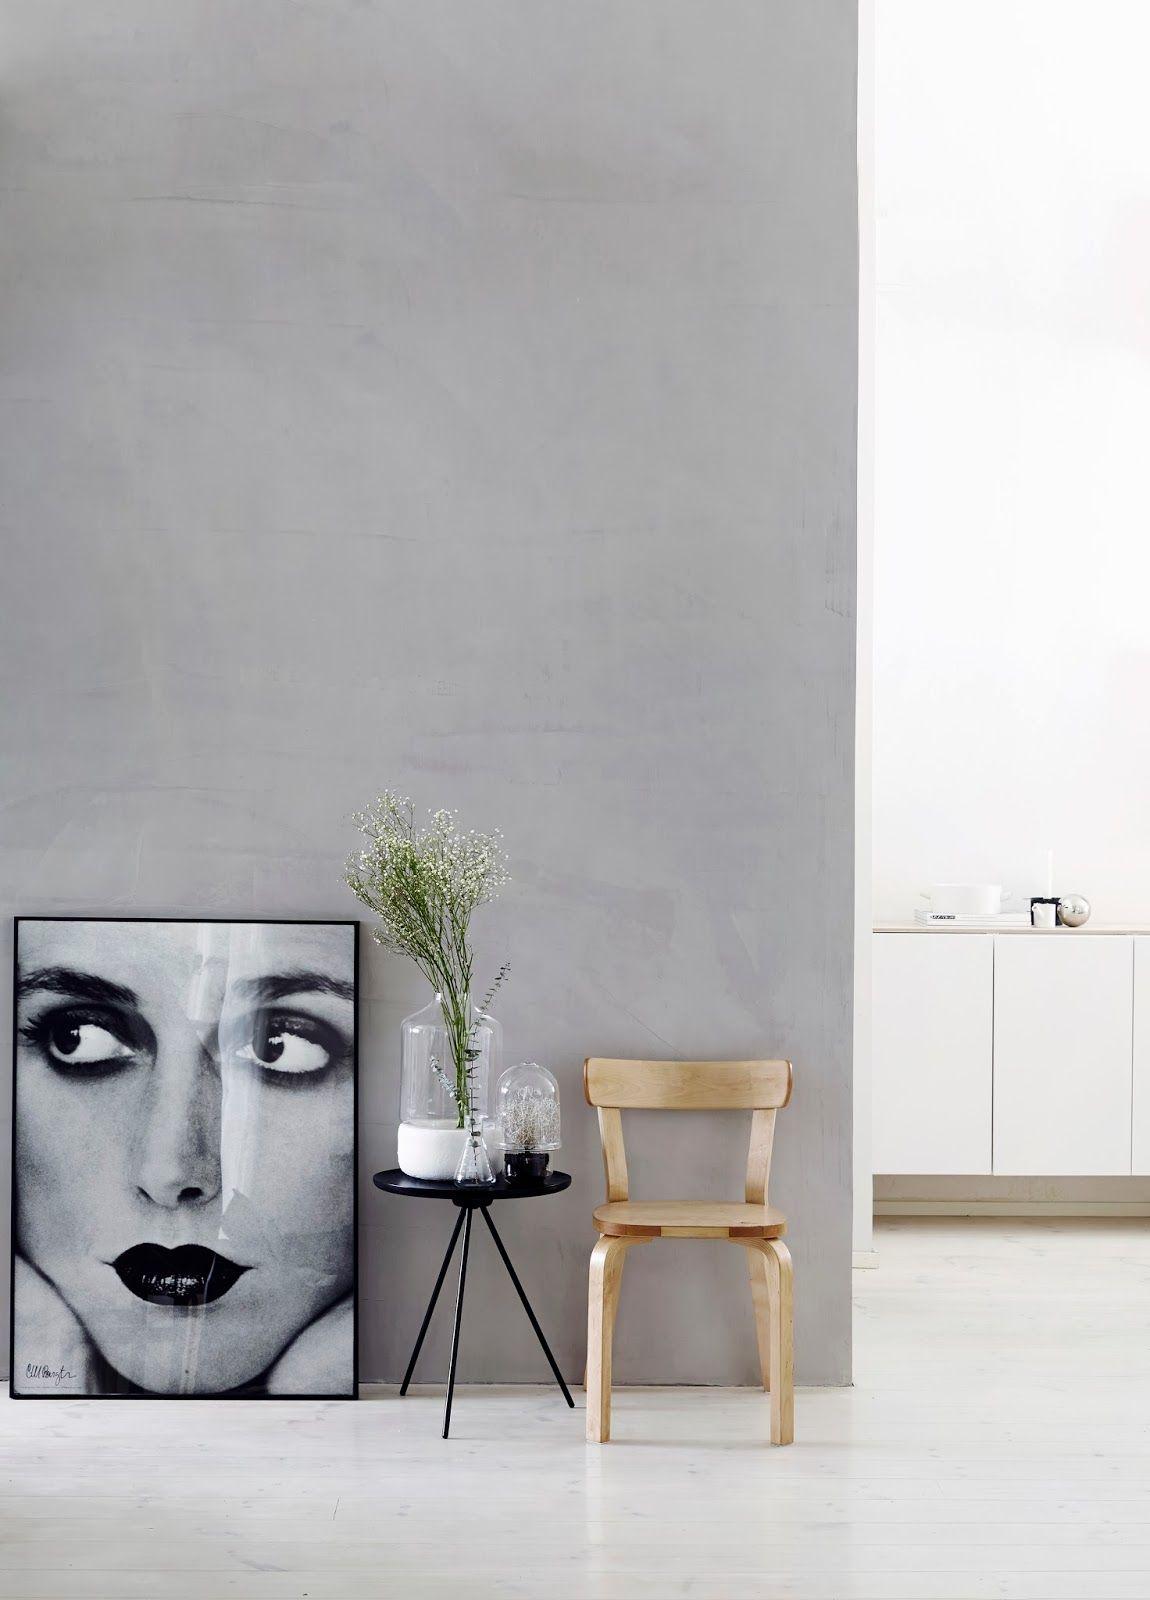 Uns zu hause innenarchitektur grey painted wall  interior design  pinterest  haus wohnen und